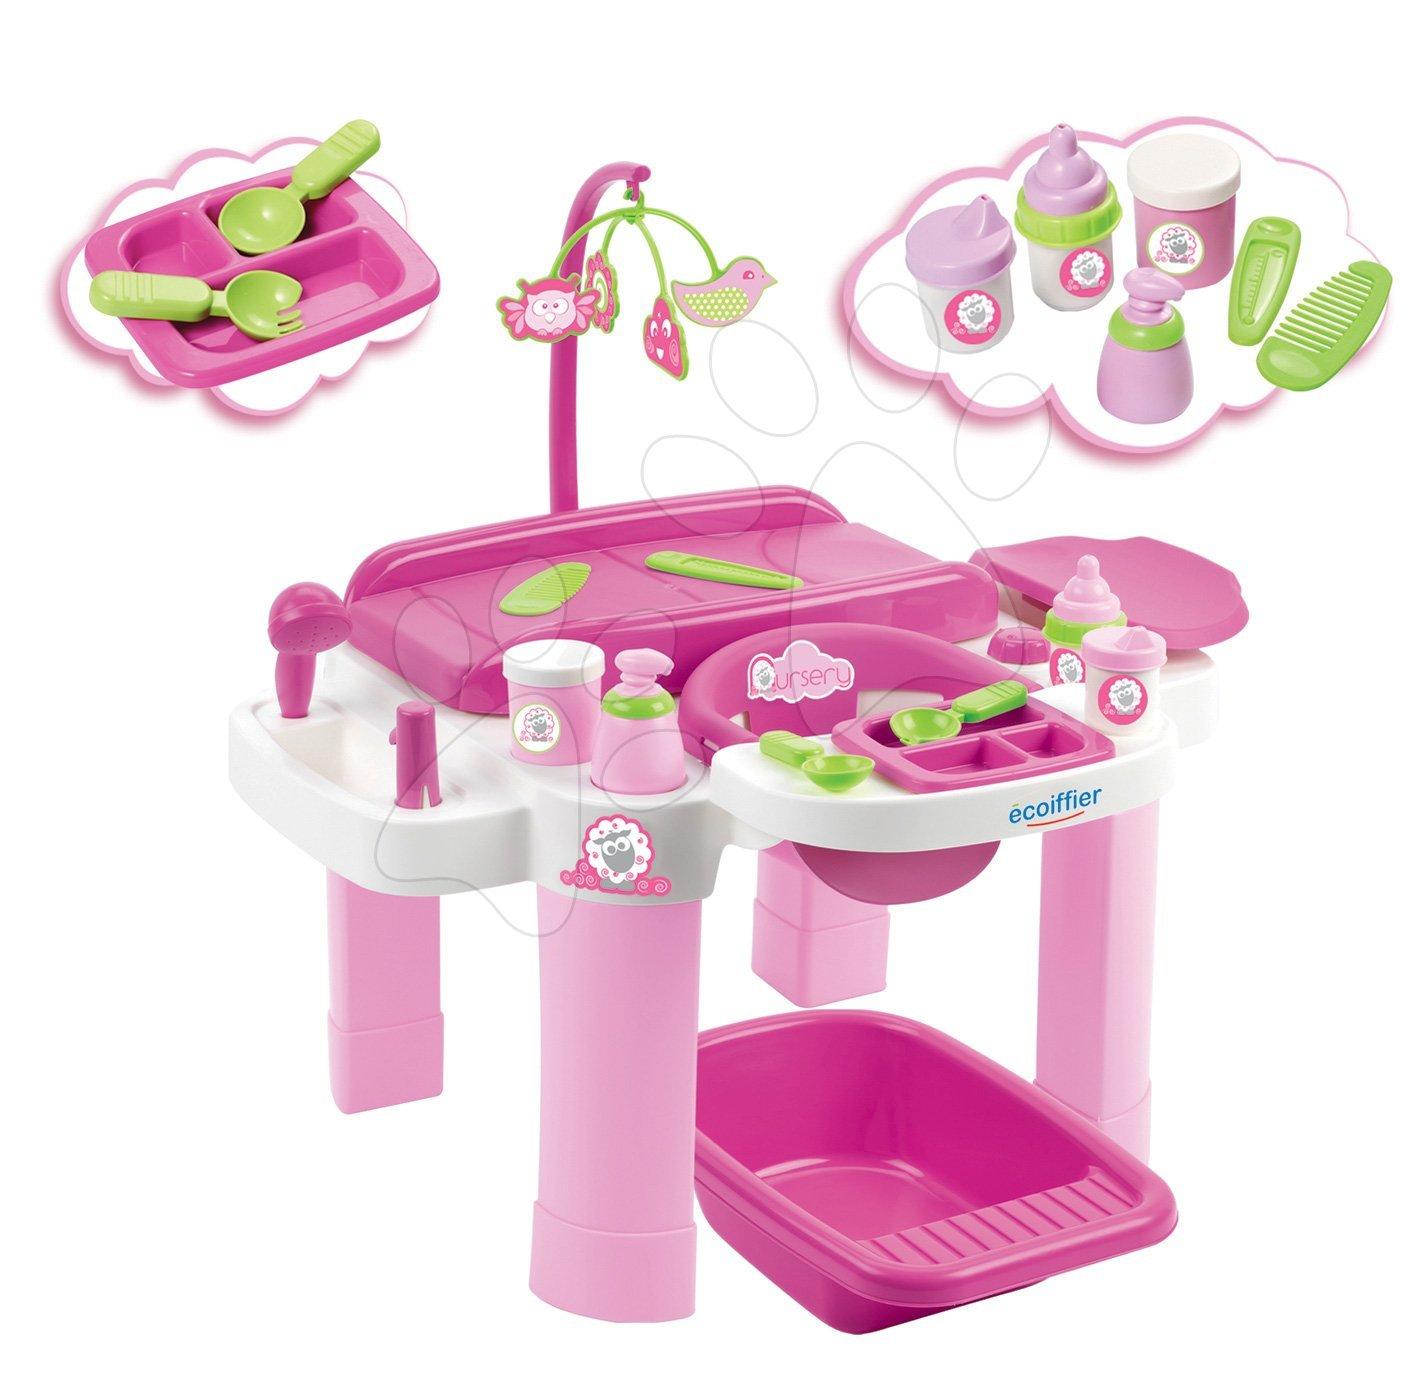 Prebaľovací stôl pre bábiky Nursery Écoiffier s kúpeľňou a jedálenským kútikom od 1 - 5 rokov